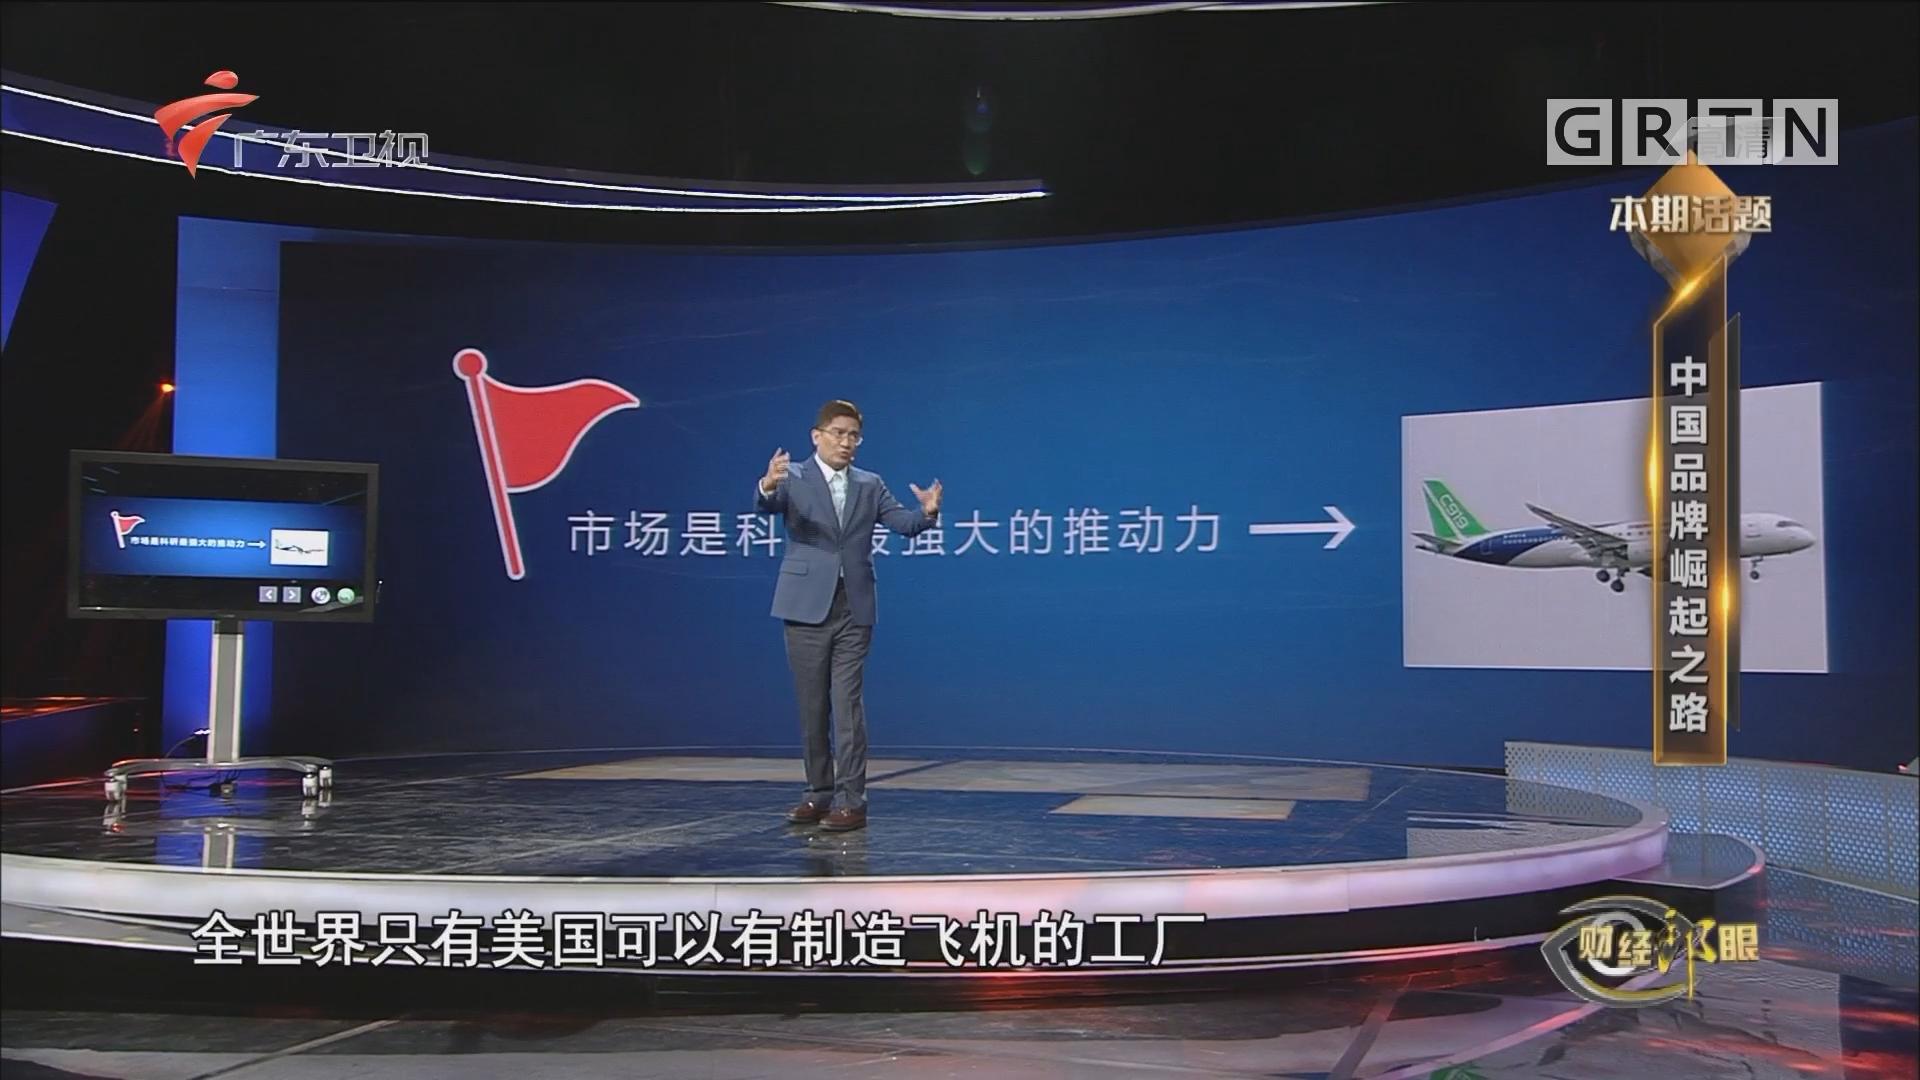 中国品牌崛起之路·郎来了